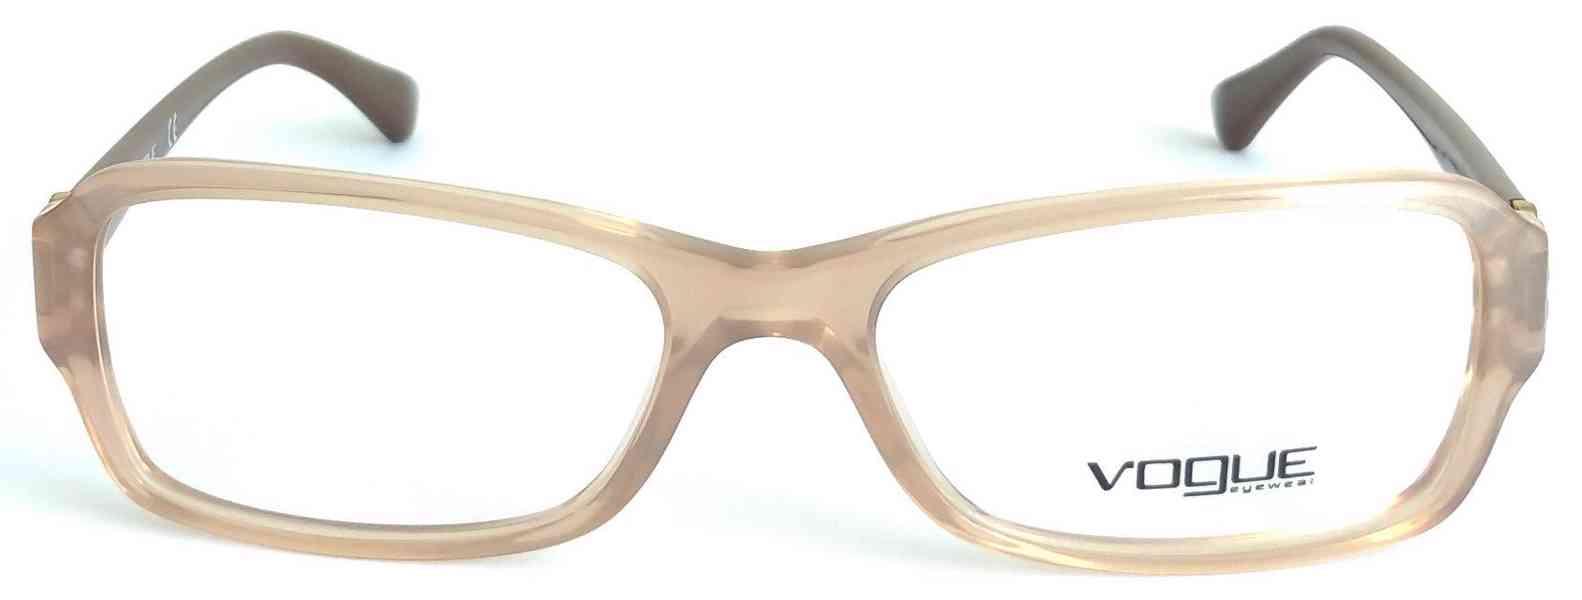 VOGUE VO 2836-B dámské brýlové obruby 51-16-135 MOC:3200 Kč - foto 6